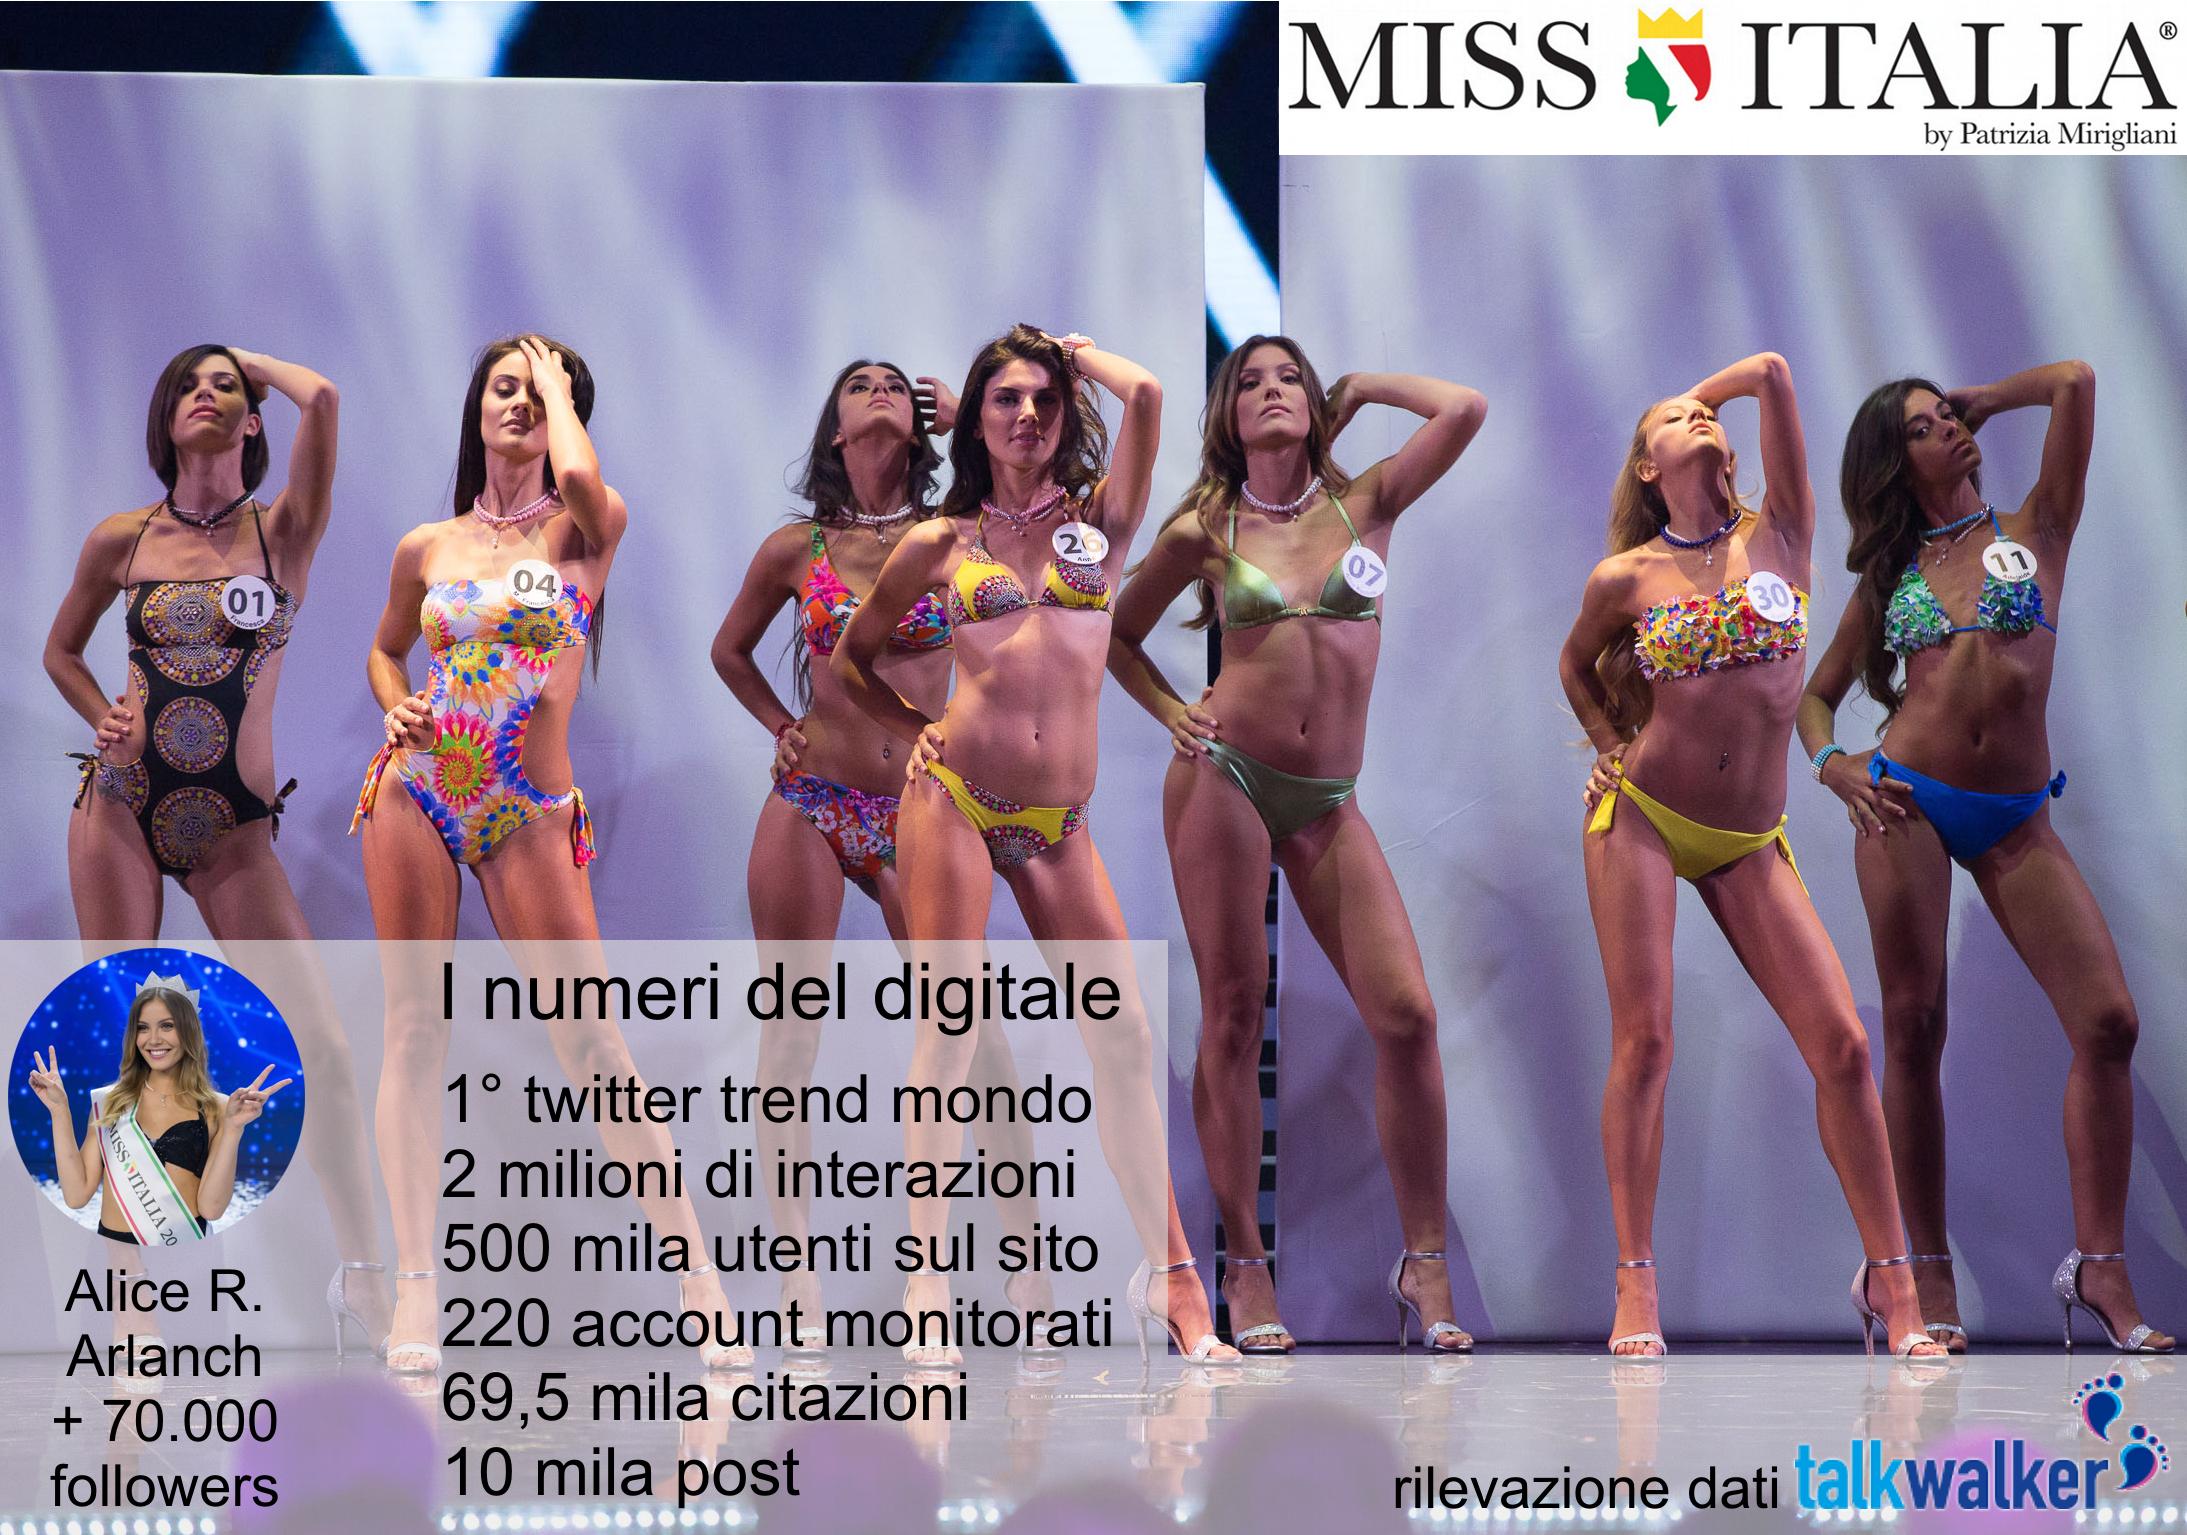 Miss Italia: i numeri del digitale